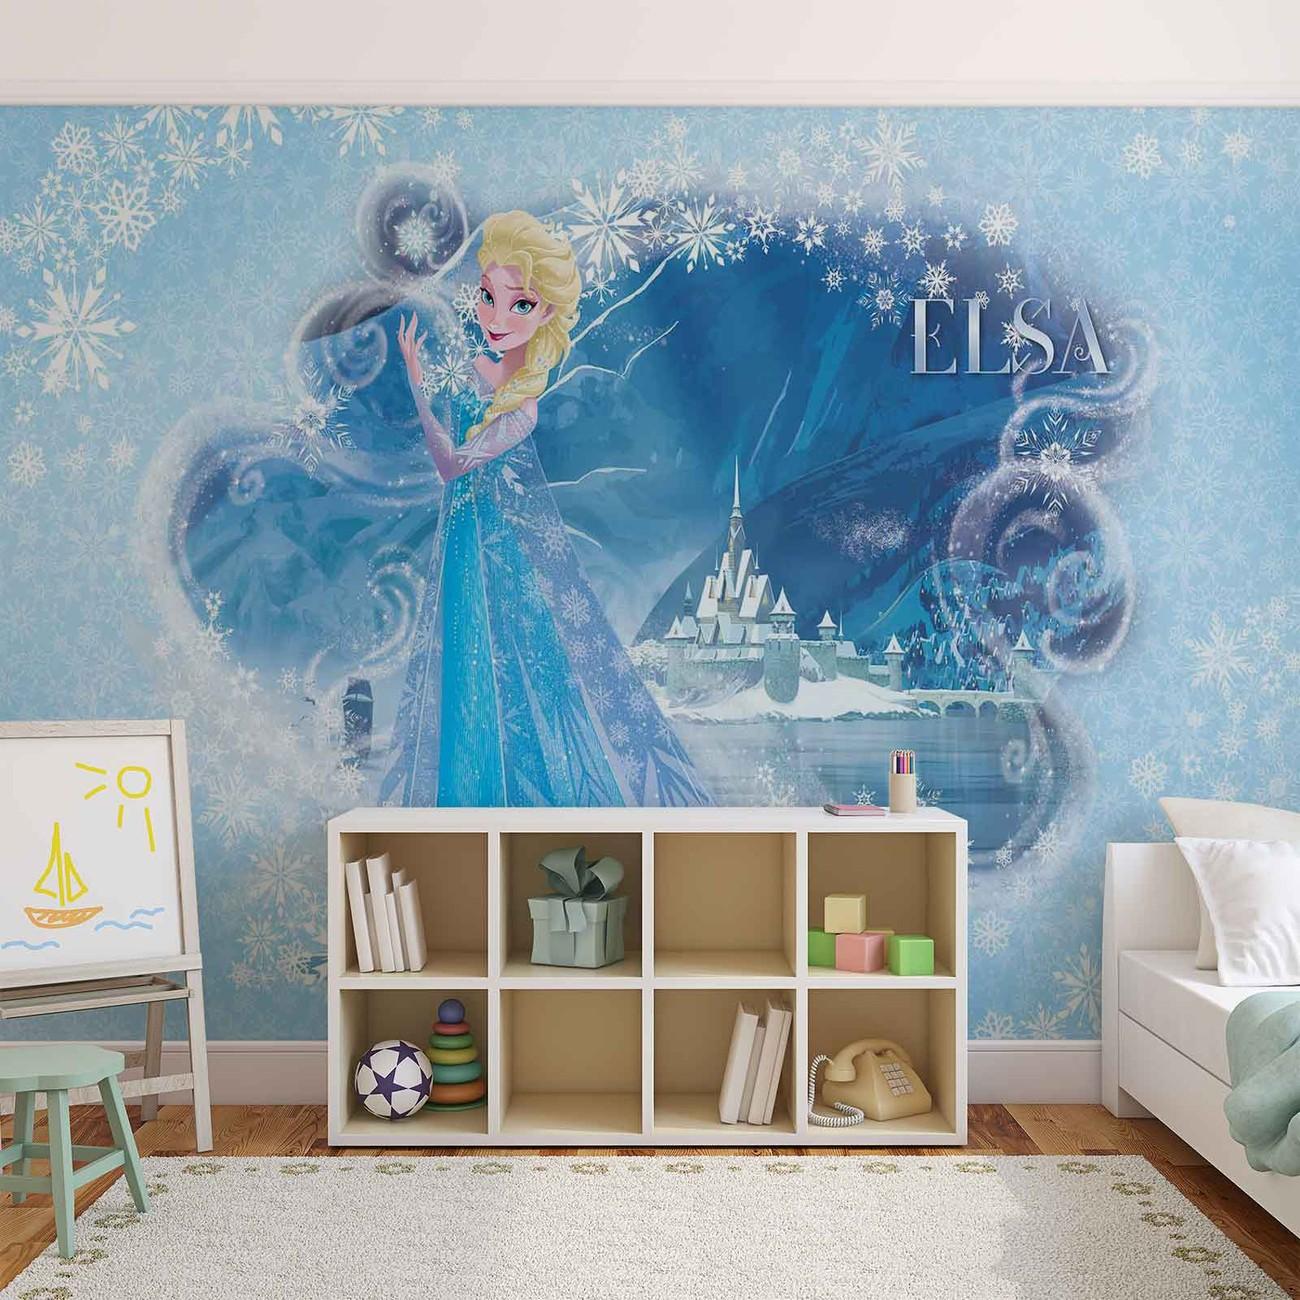 Disney la reine des neiges elsa poster mural papier peint acheter le sur - Papier peint reine des neiges ...